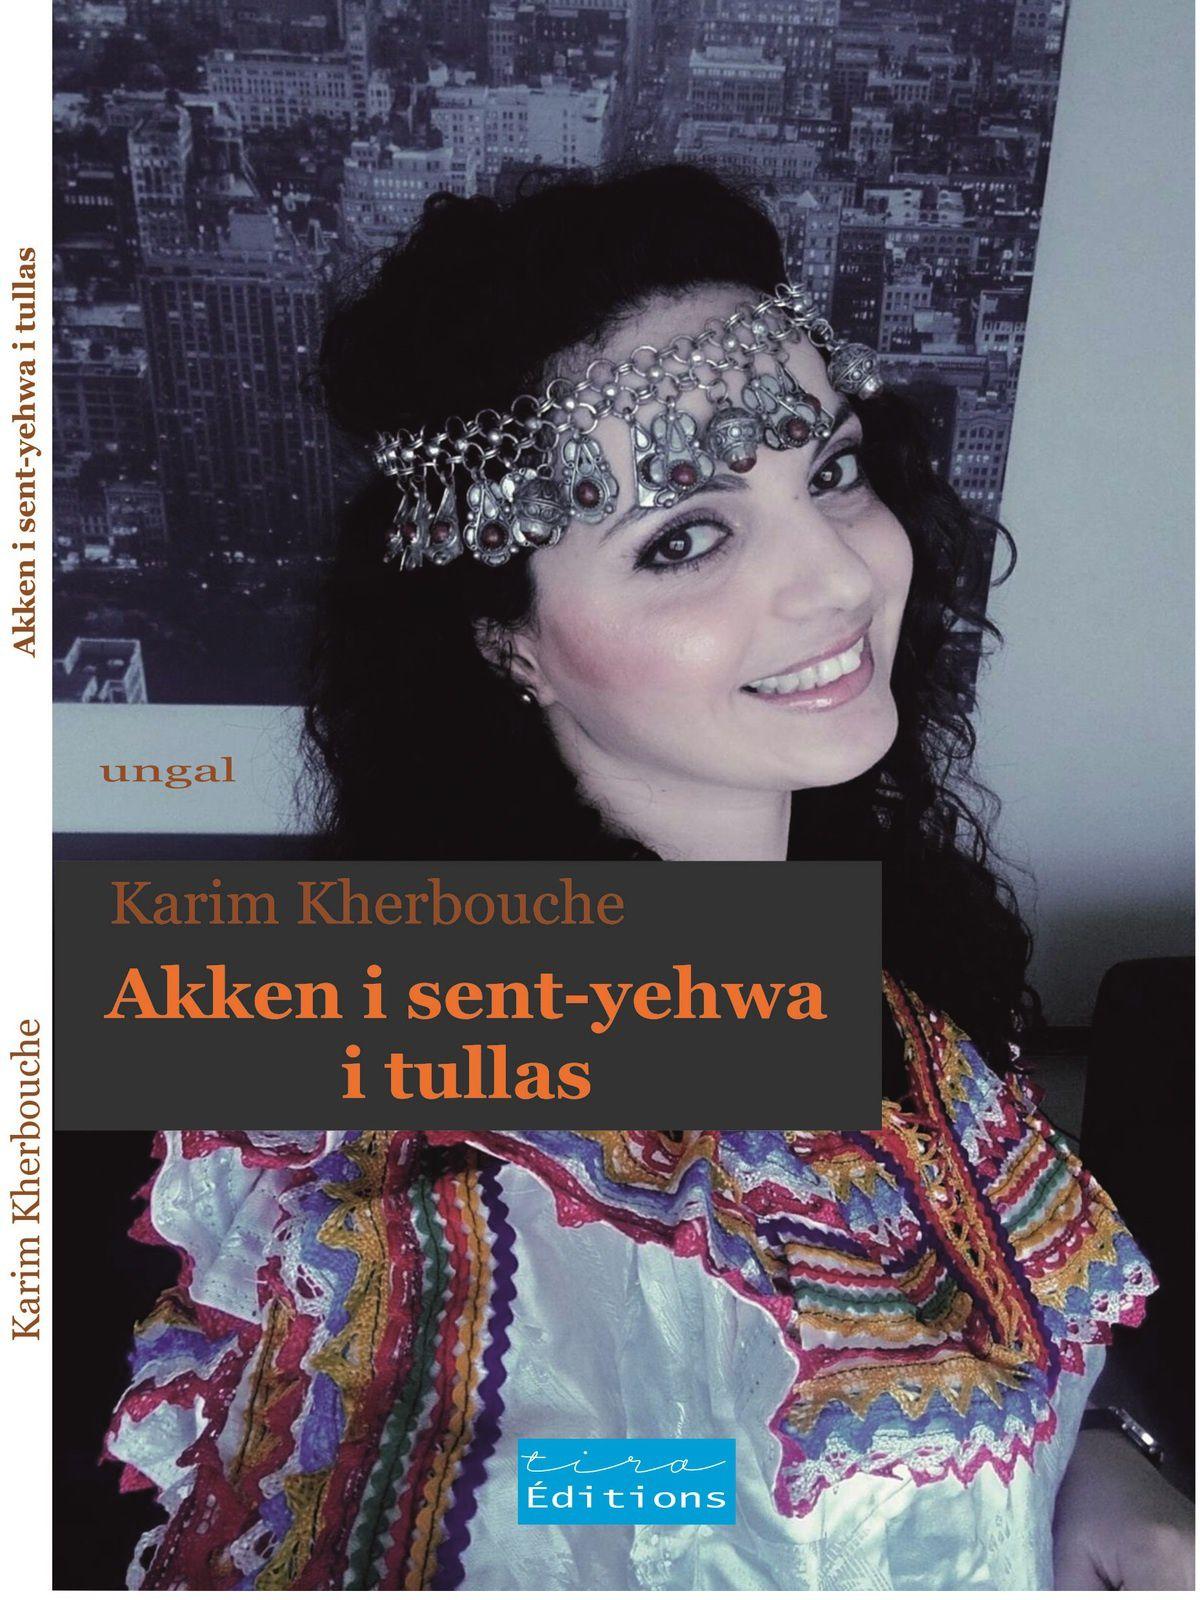 """Sortie prochaine du roman de Karim Kherbouche """"Akken i sent-yehwa i tullas"""" (Au bon vouloir des femmes) chez les éditions Tira"""